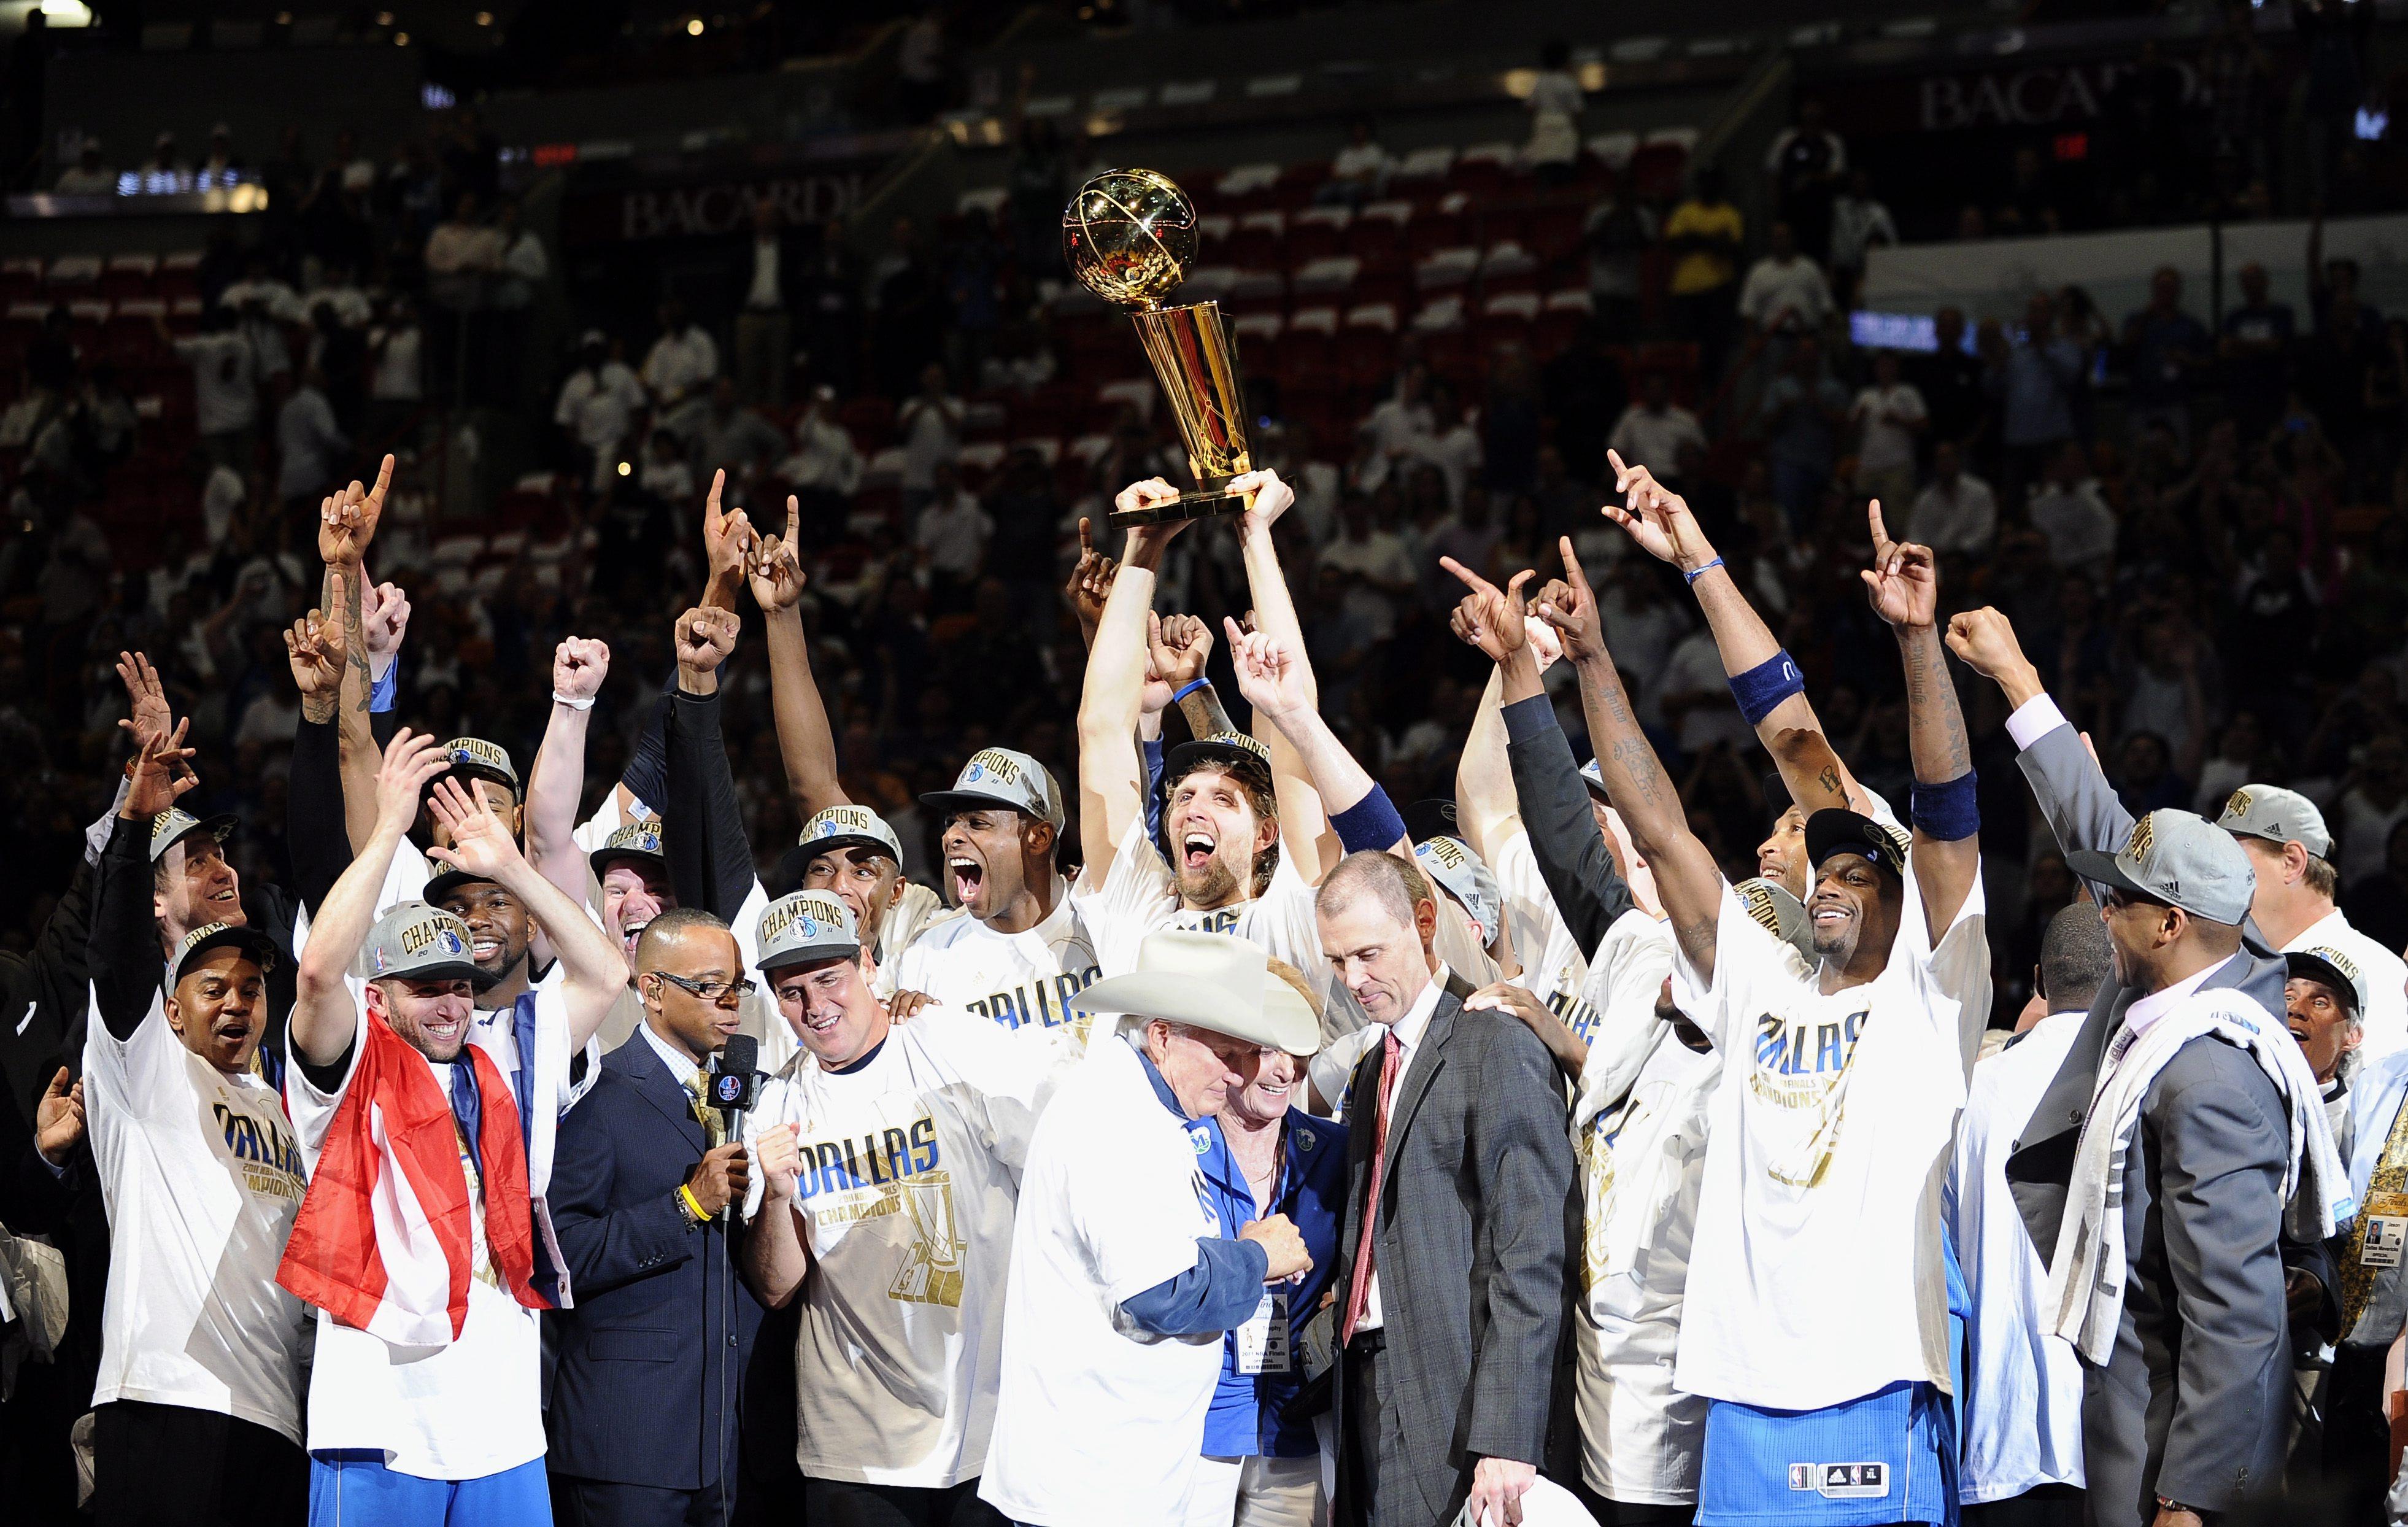 Далас Маверикс спечели историческа първа титла в НБА